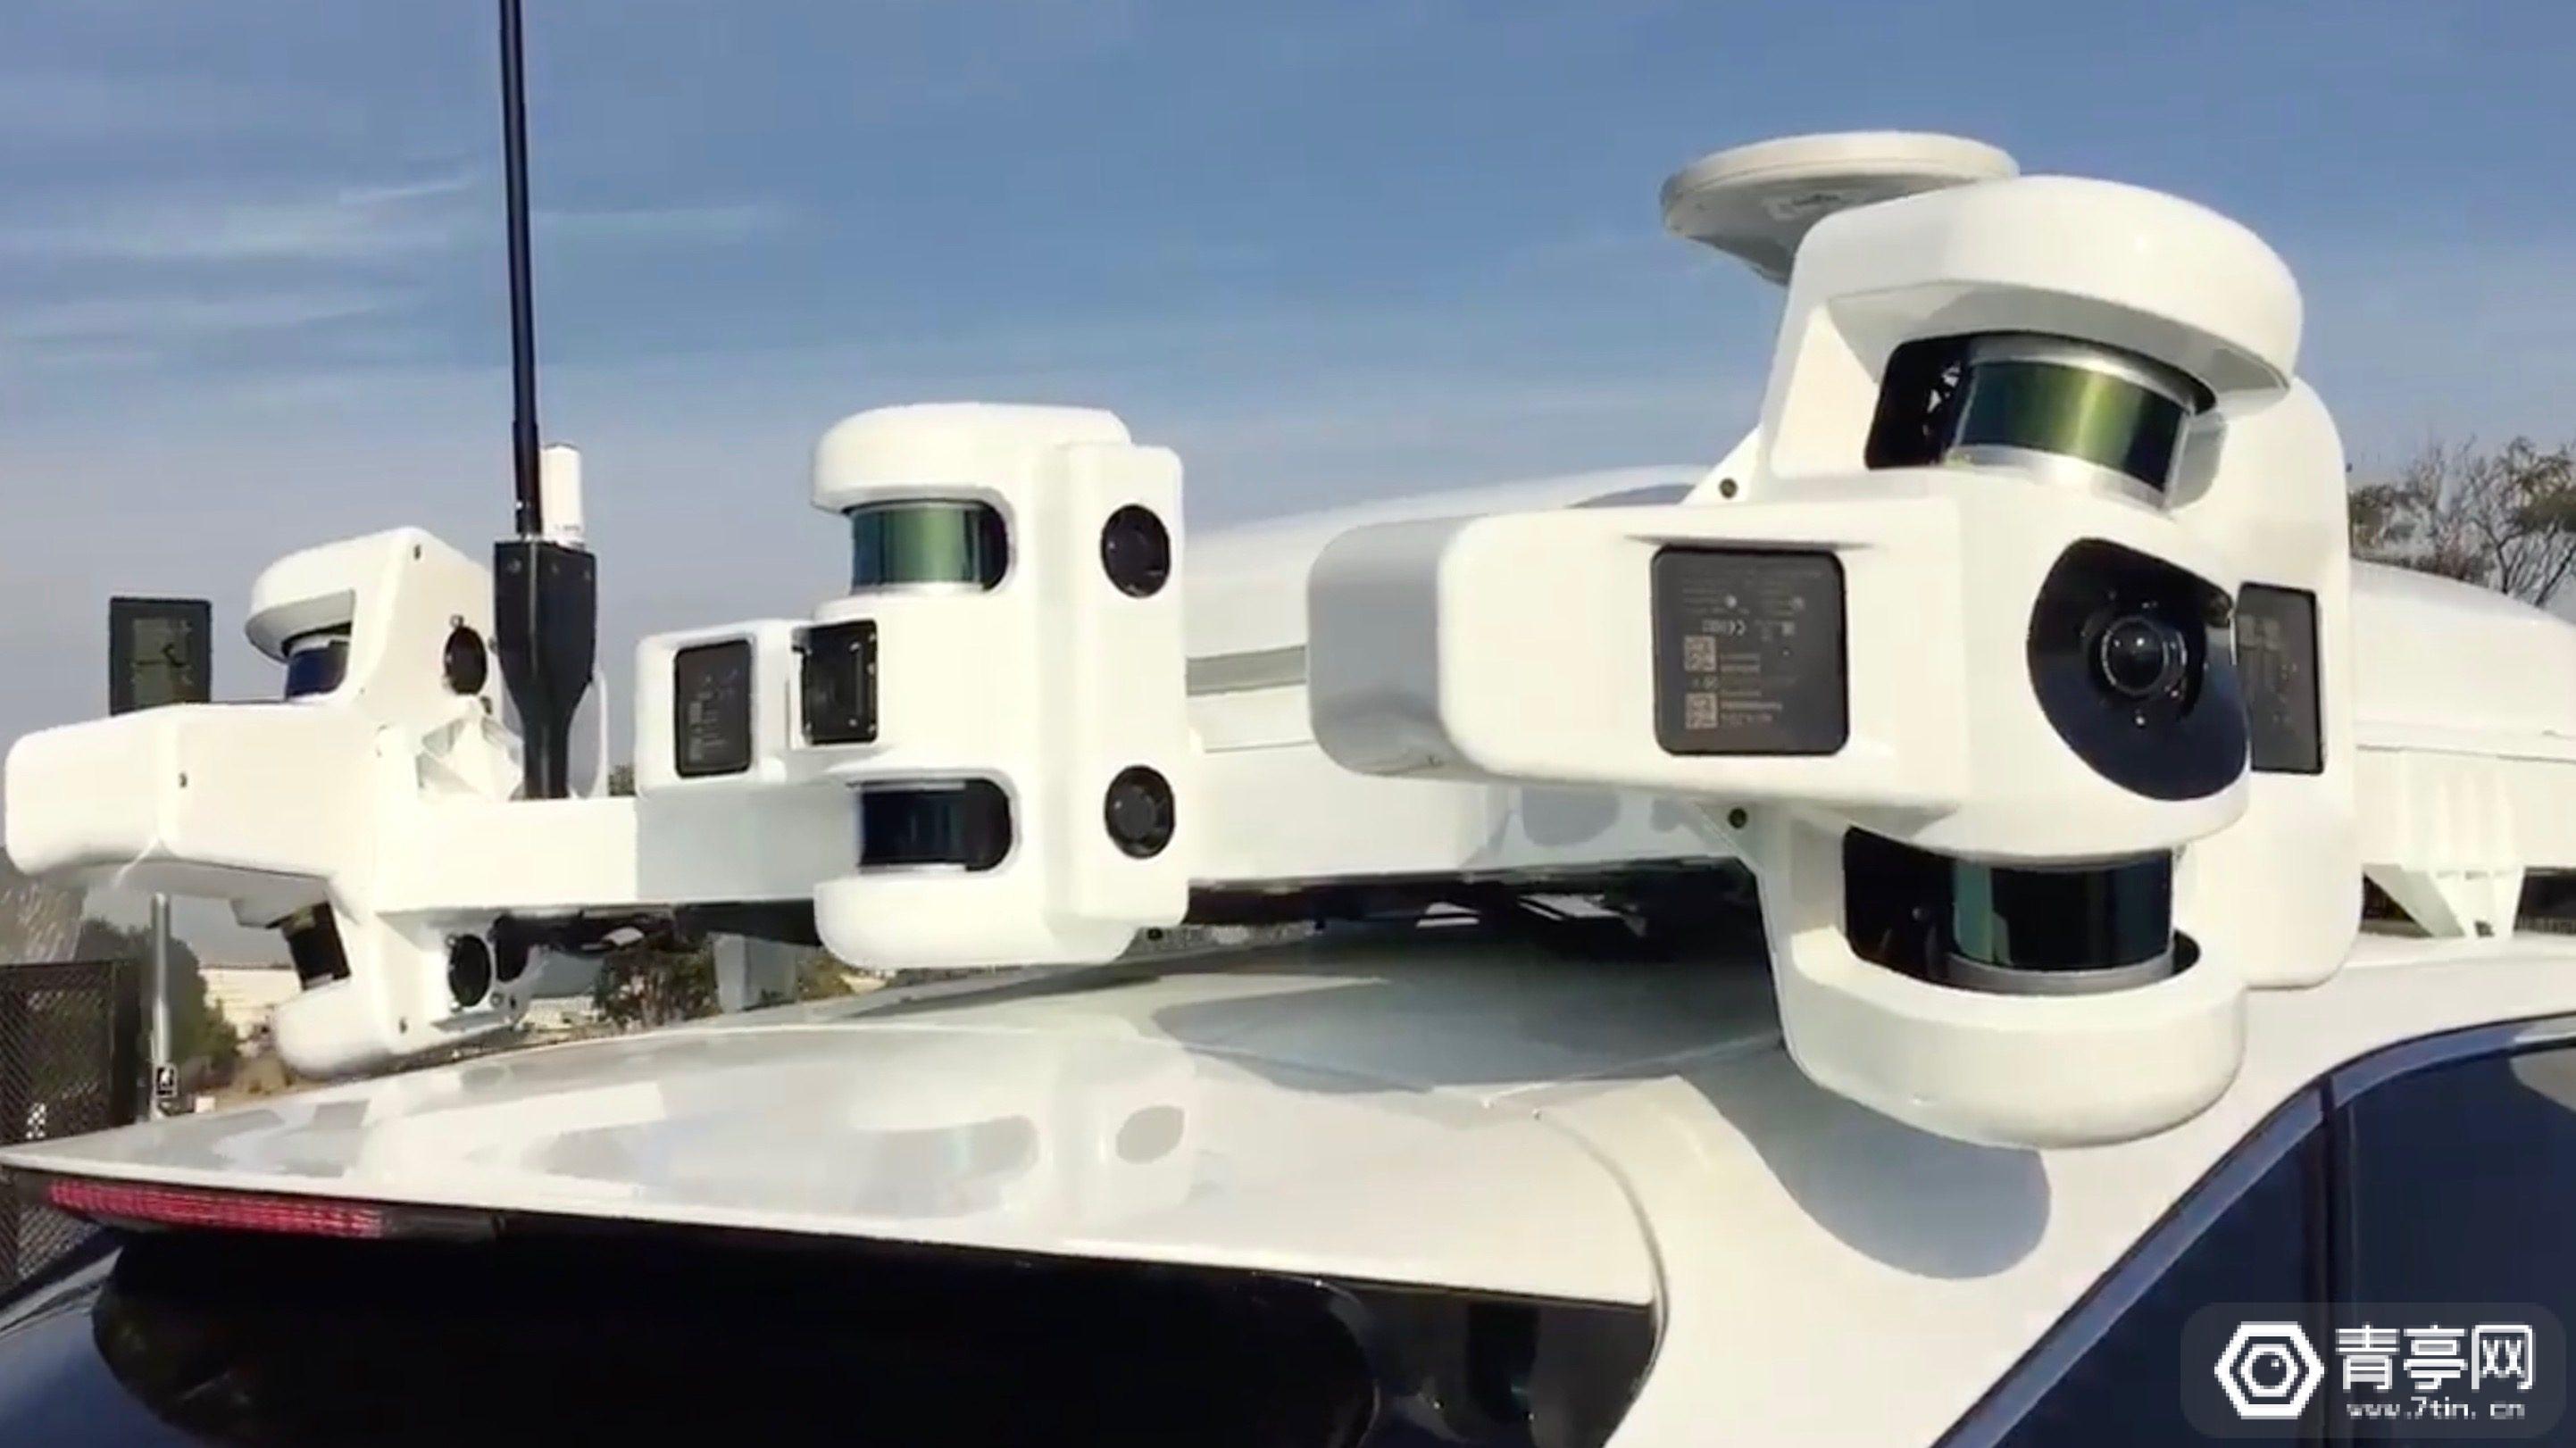 苹果在加州无人驾驶汽车达66辆,规模超过特斯拉丰田